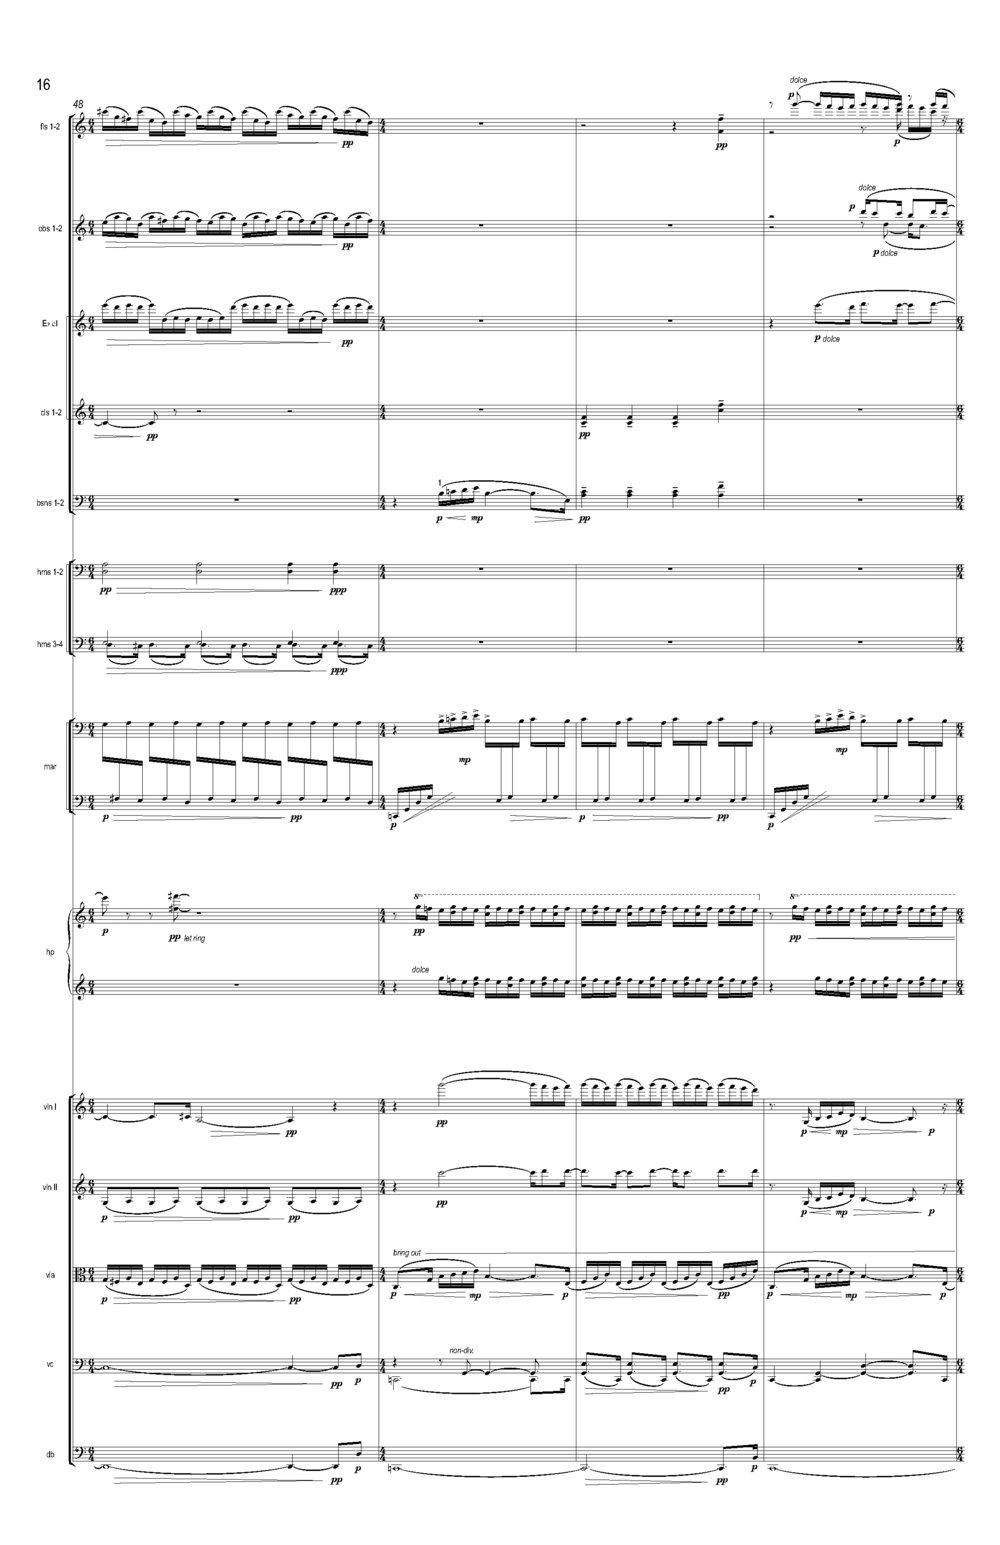 Ciach_Collective Uncommon REVISED_Full Score (Feb 2017)_Seite_22.jpg